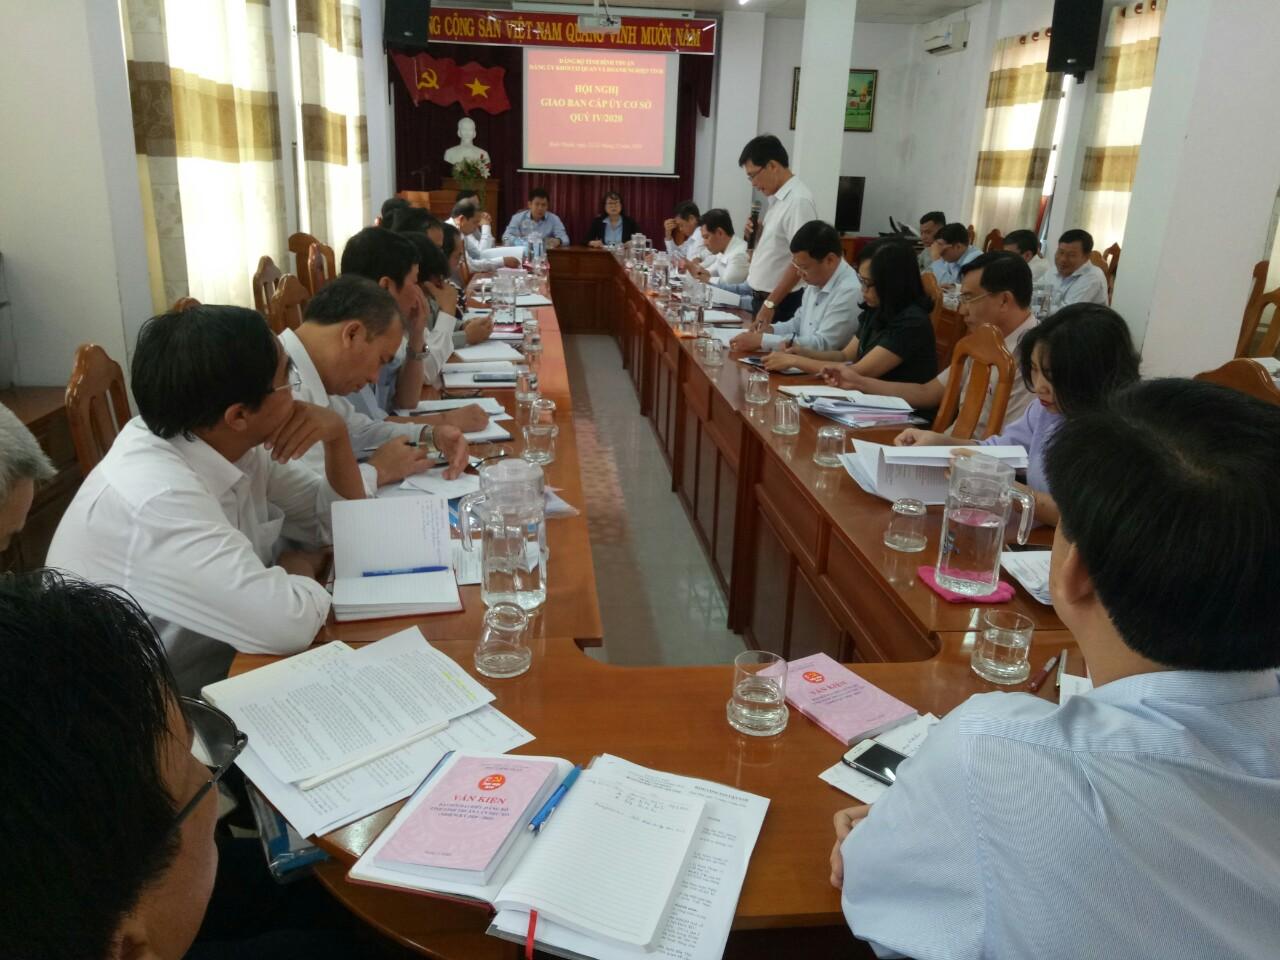 Hình Hội nghị giao ban cấp ủy cơ sở quý IV/2020